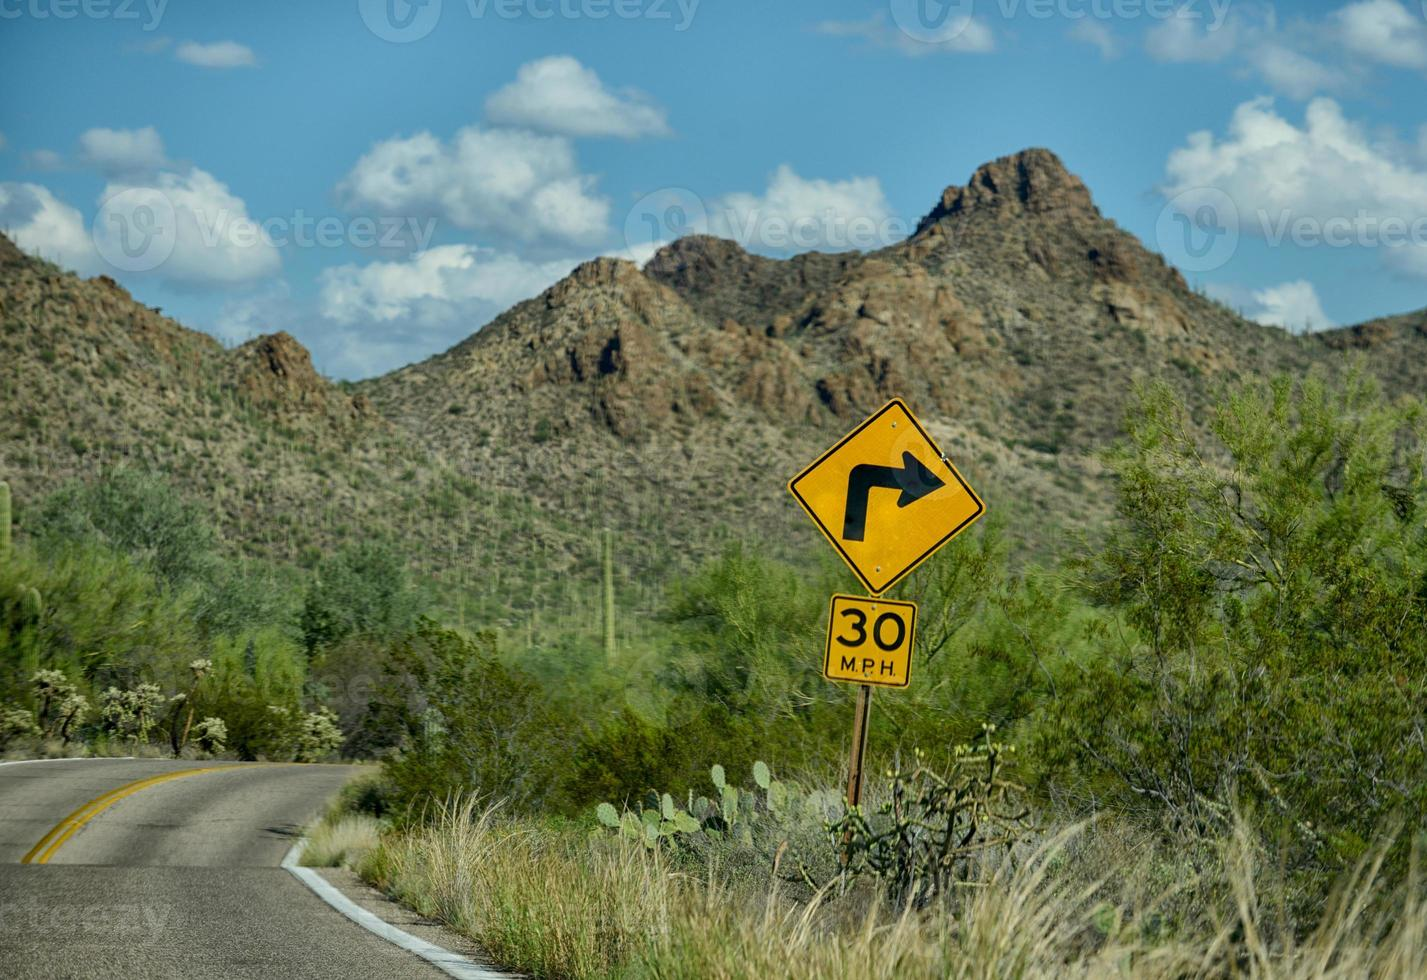 fuerte giro de 30 mph en carretera de montaña foto